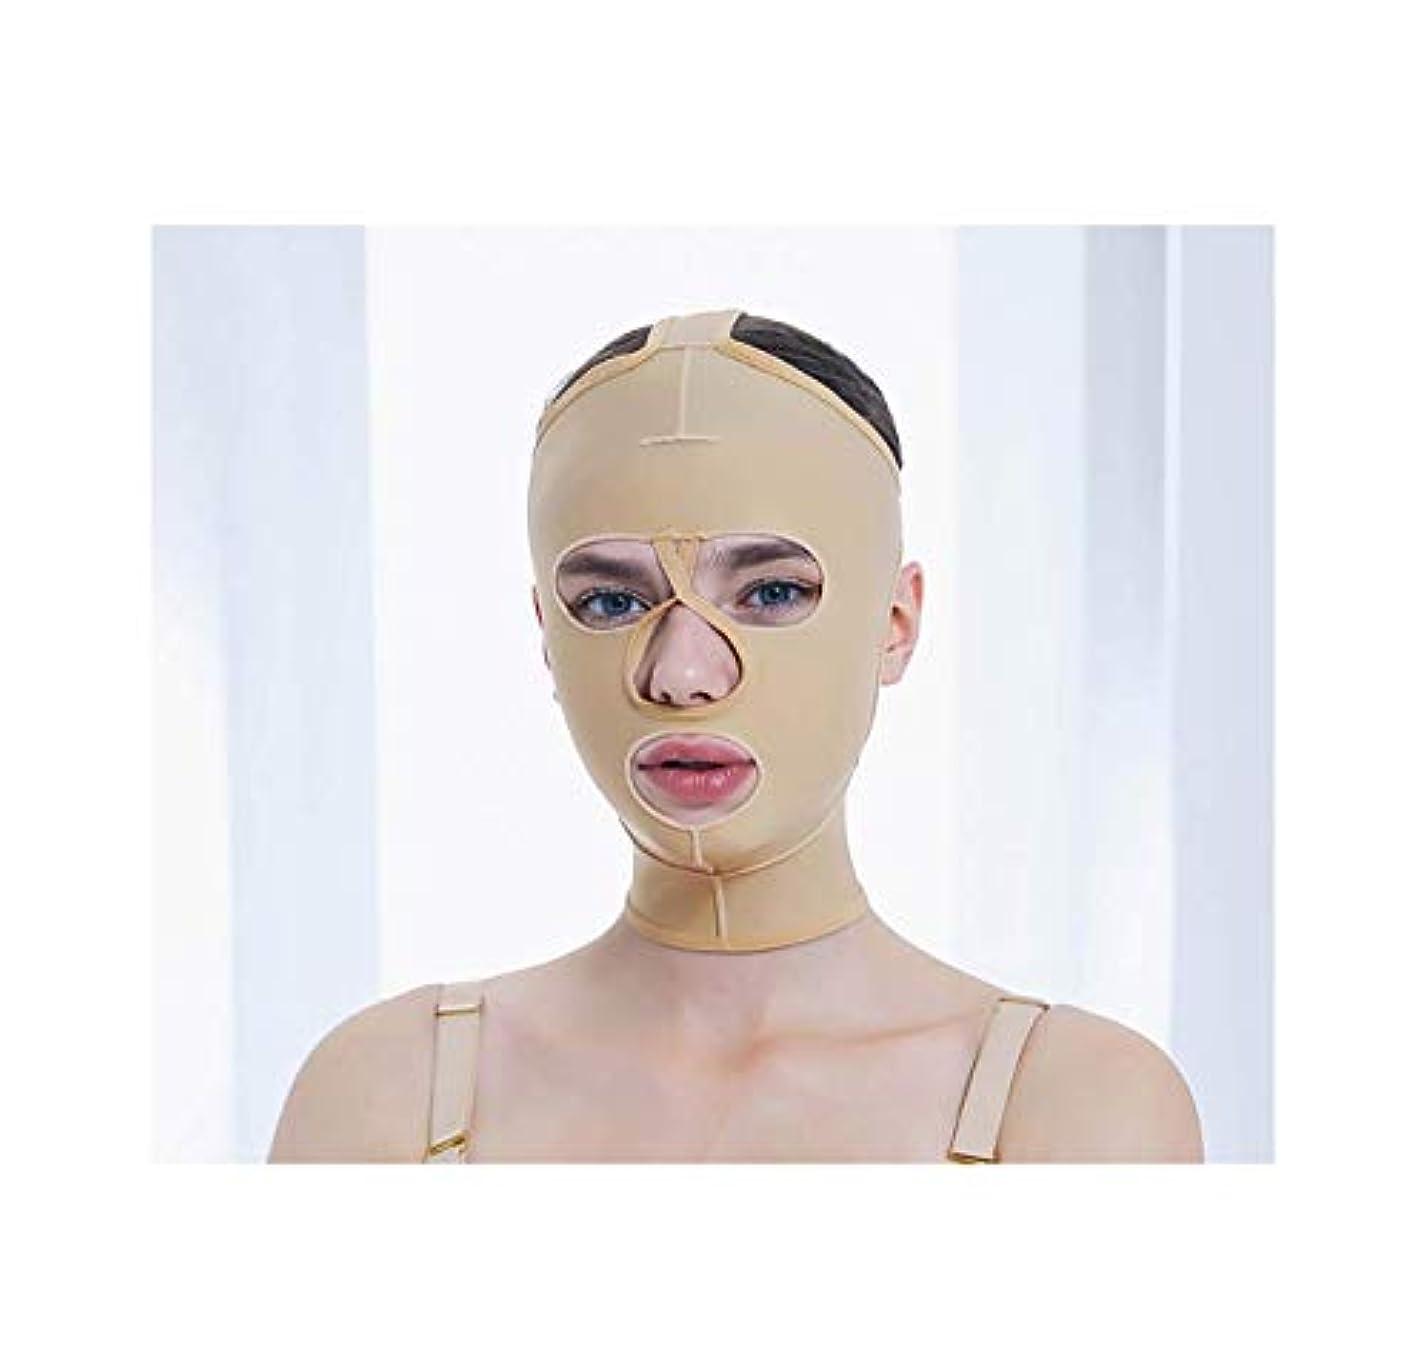 精通した累積ばかげているフェイス&ネックリフト、減量フェイスマスク脂肪吸引術脂肪吸引整形マスクフードフェイスリフティングアーティファクトVフェイスビームフェイス弾性スリーブ(サイズ:XS),XXL